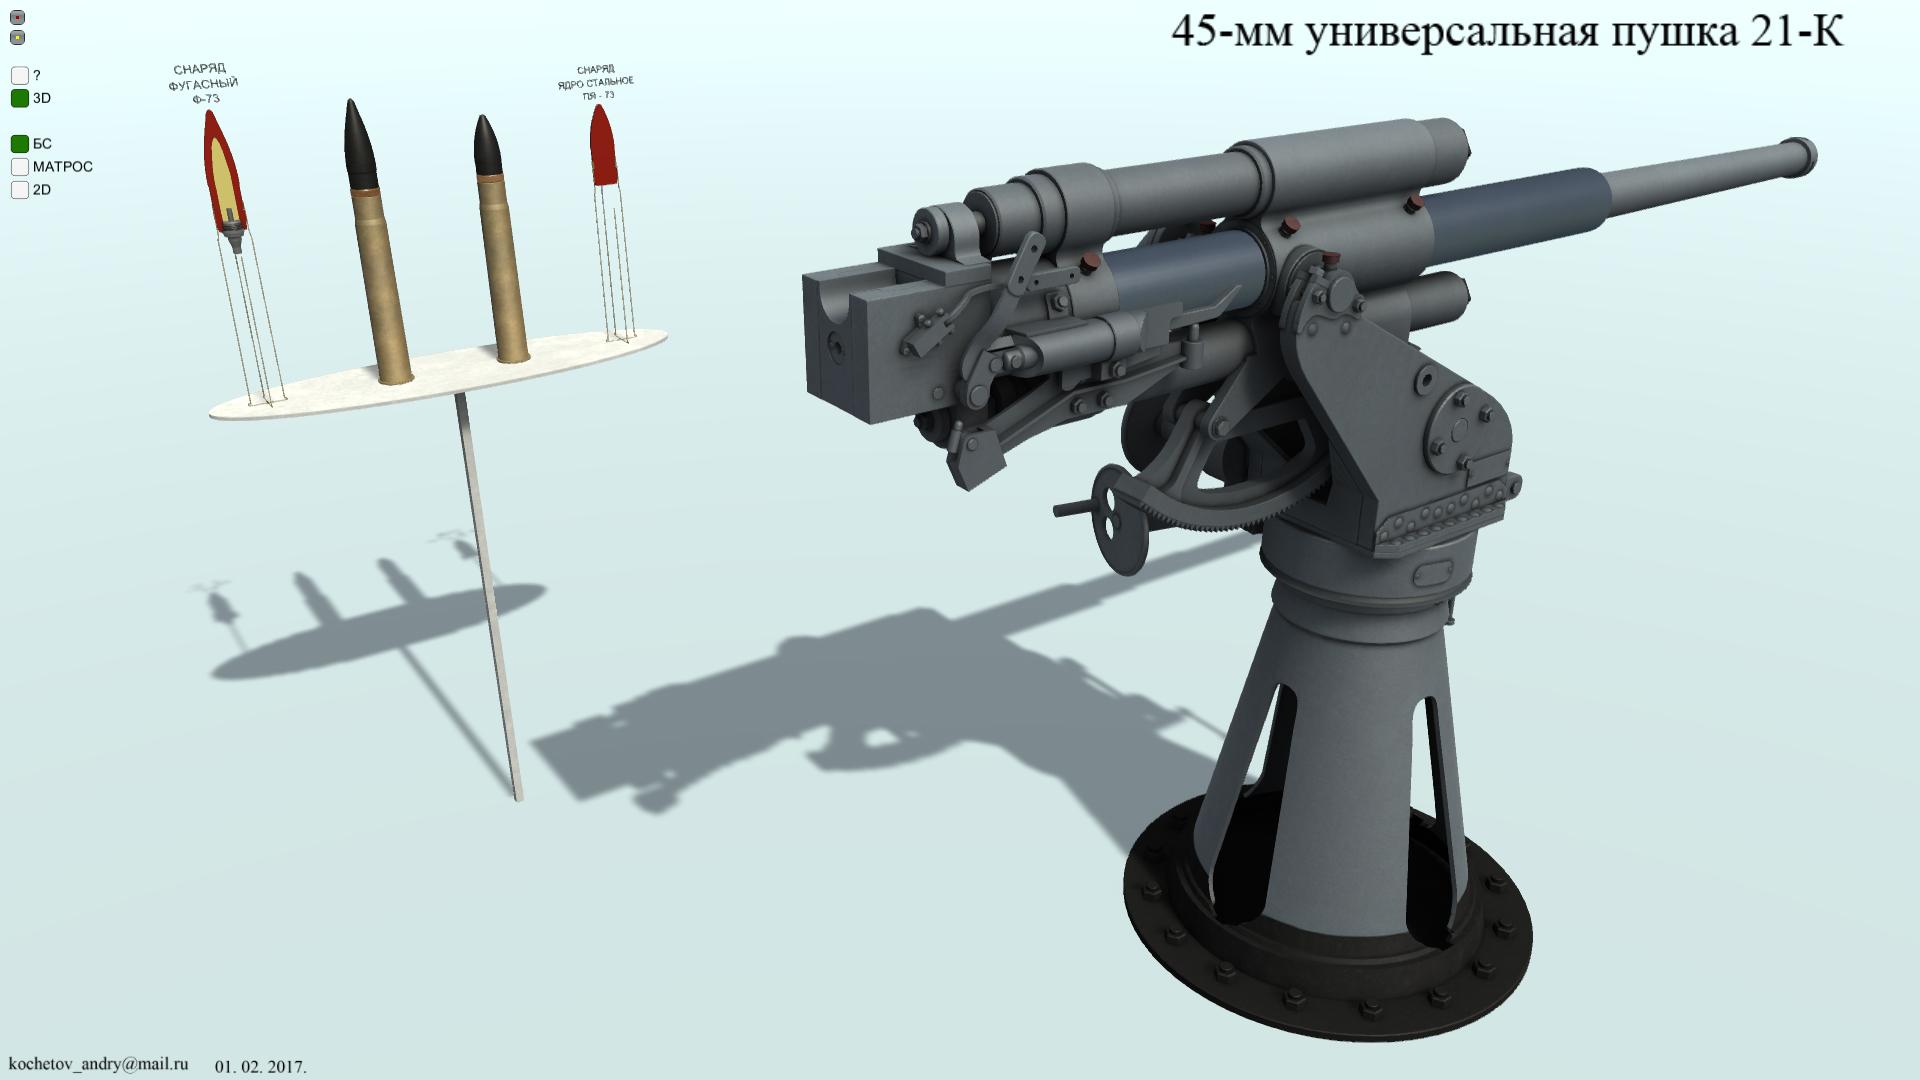 45мм пушка 21К.jpg